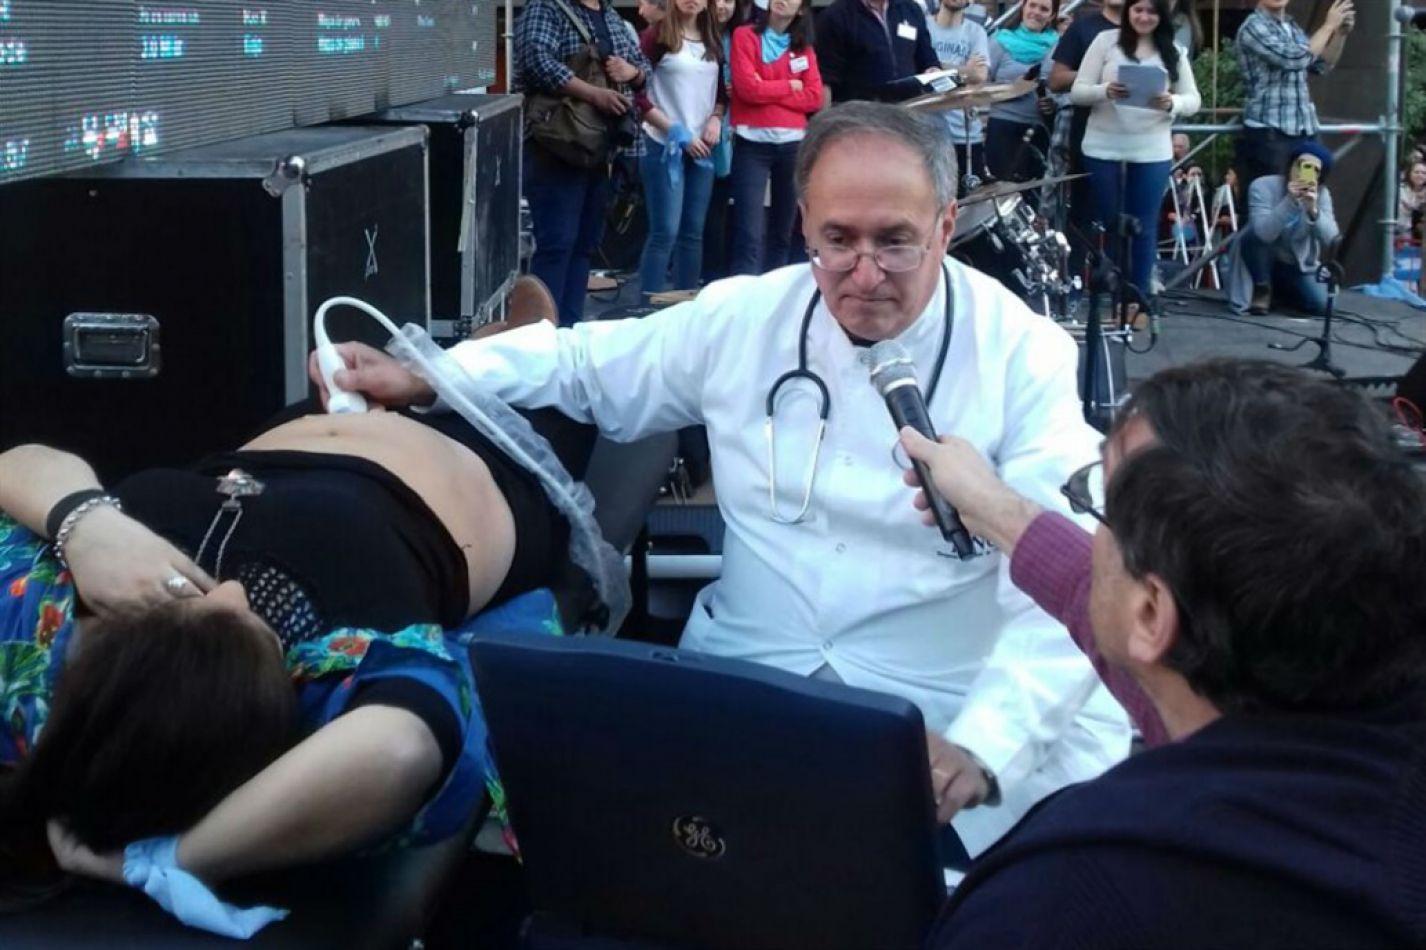 Córdoba con ecografías en vivo contra el aborto